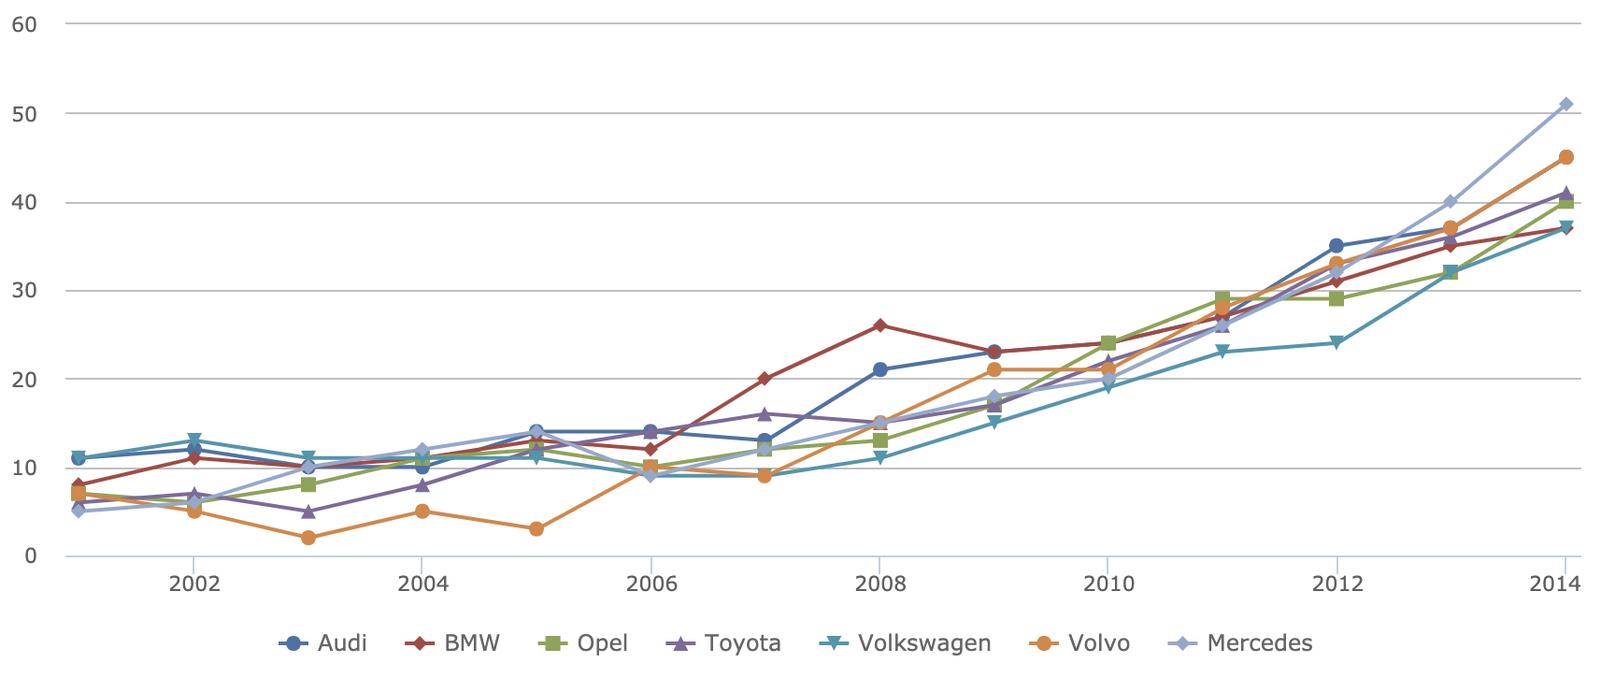 VW-Abweichung des realen Kraftstoffverbrauchs vom zugelassenen Kraftstoffverbrauch in Prozent